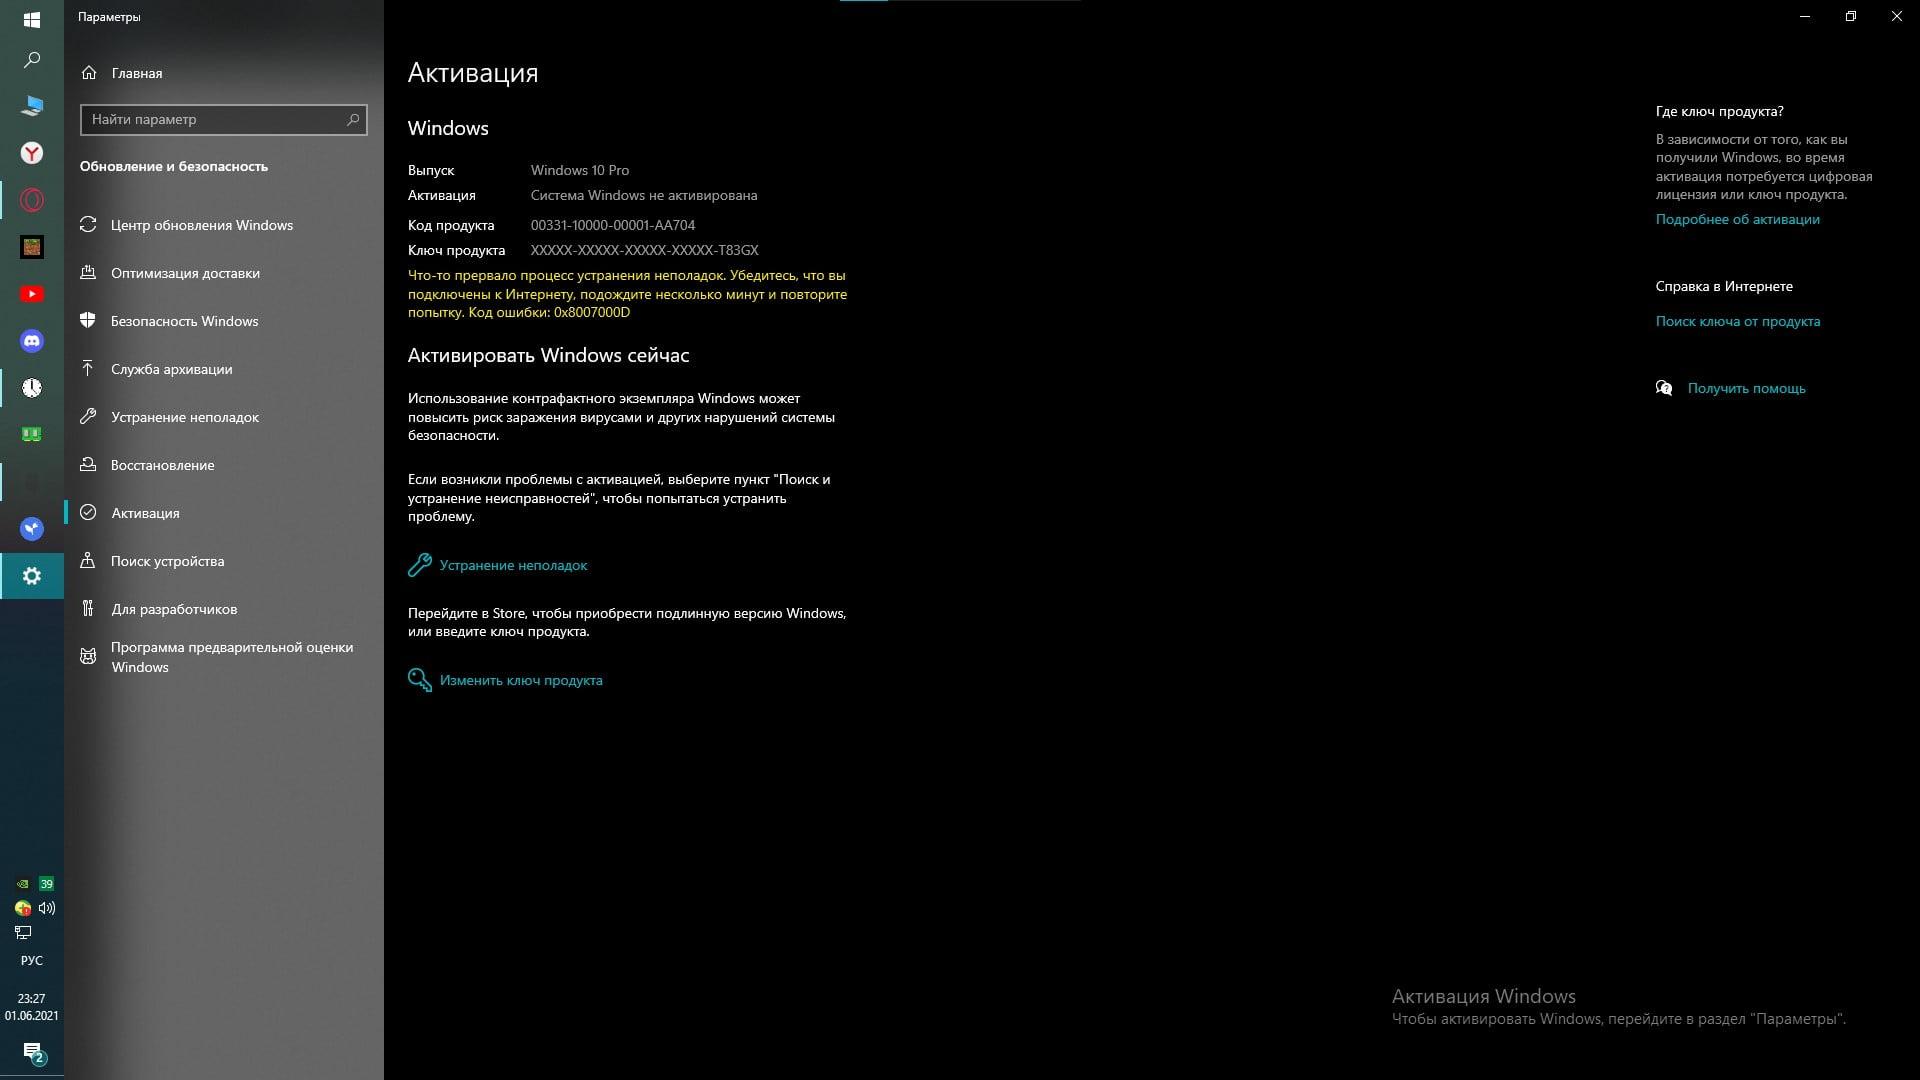 Код ошибки 0x8007000d, решения для всех случаев ее возникновения